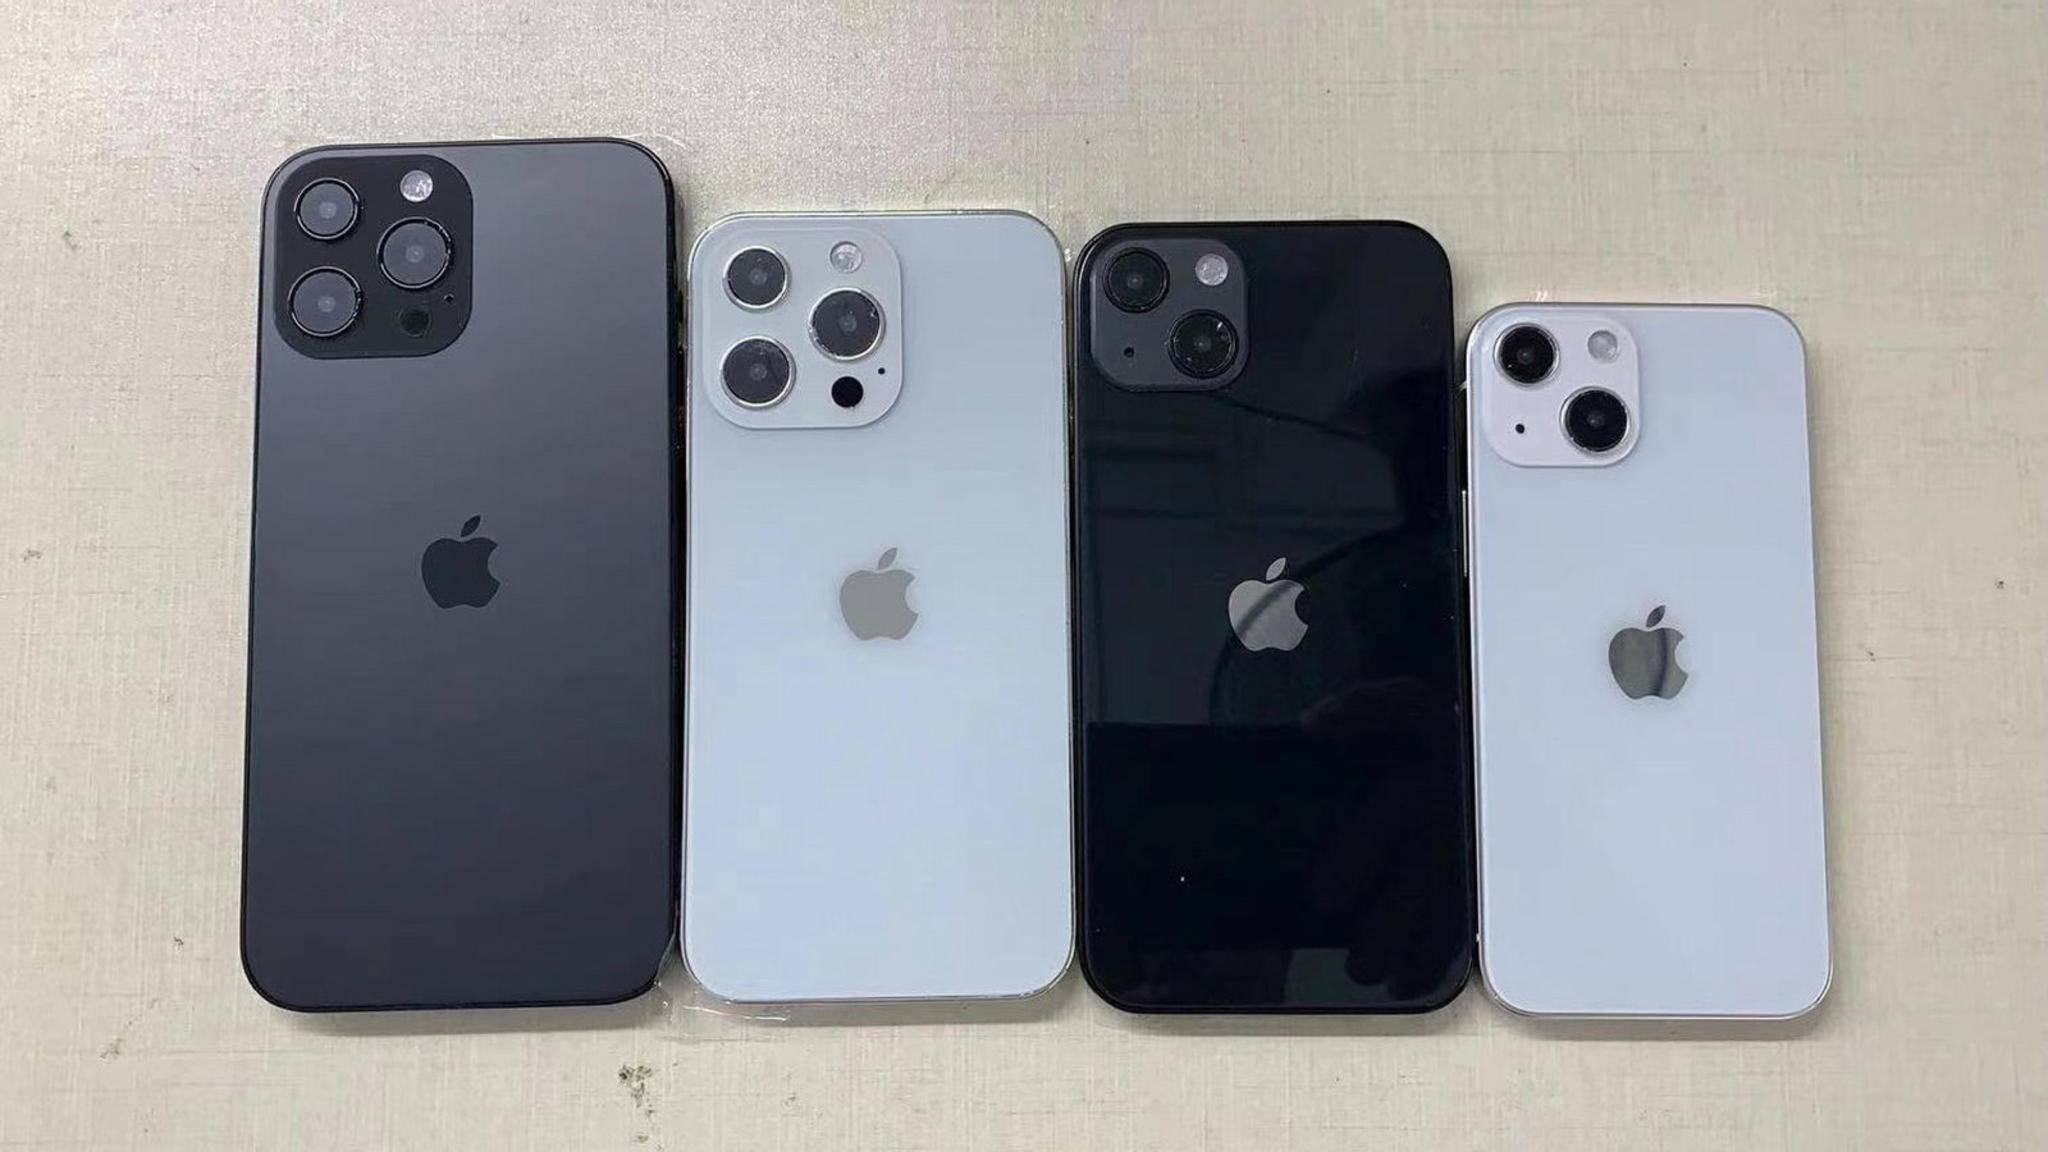 So sollen die Kameras der neuen iPhone-13-Modelle aussehen.